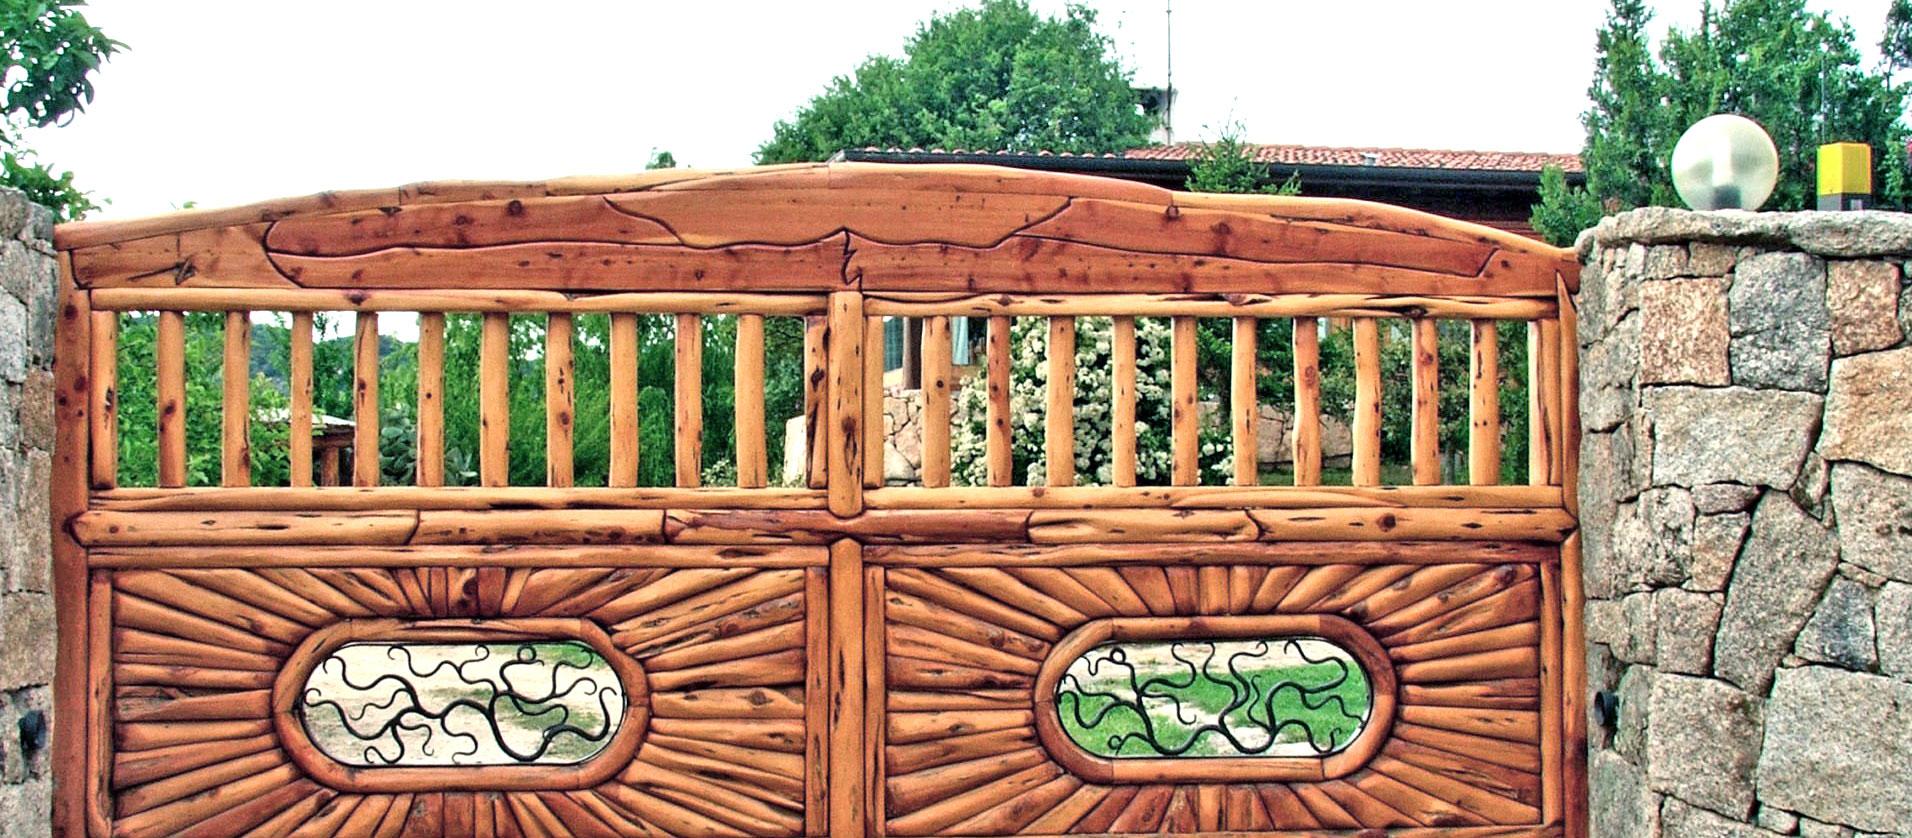 Case e strutture in legno Arzachena Sassari